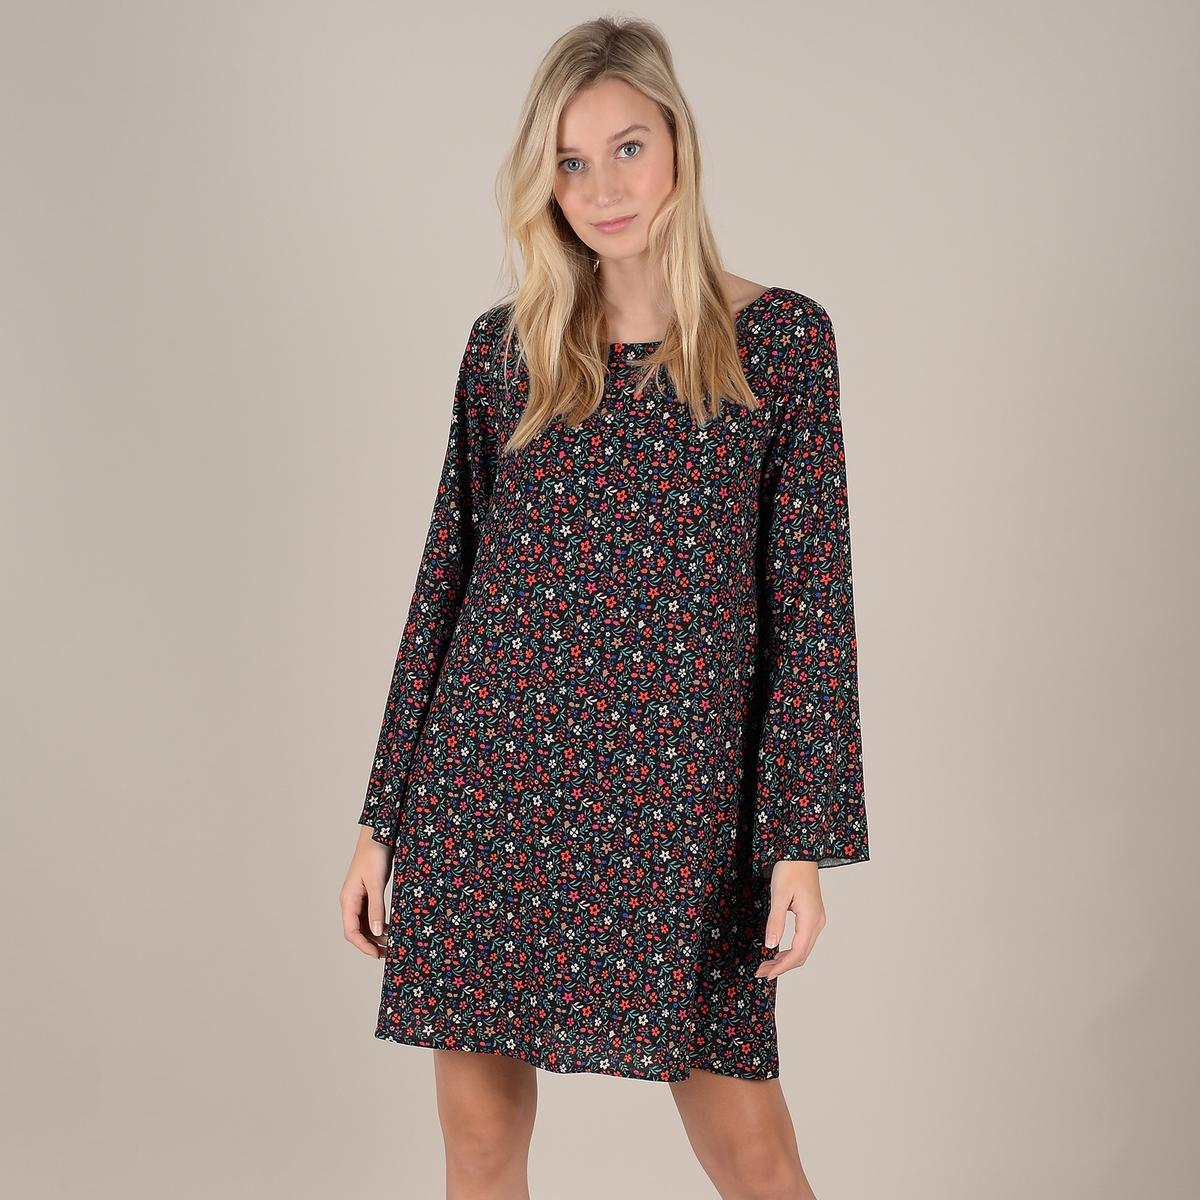 Платье La Redoute Расклешенное короткое с цветочным принтом XS черный